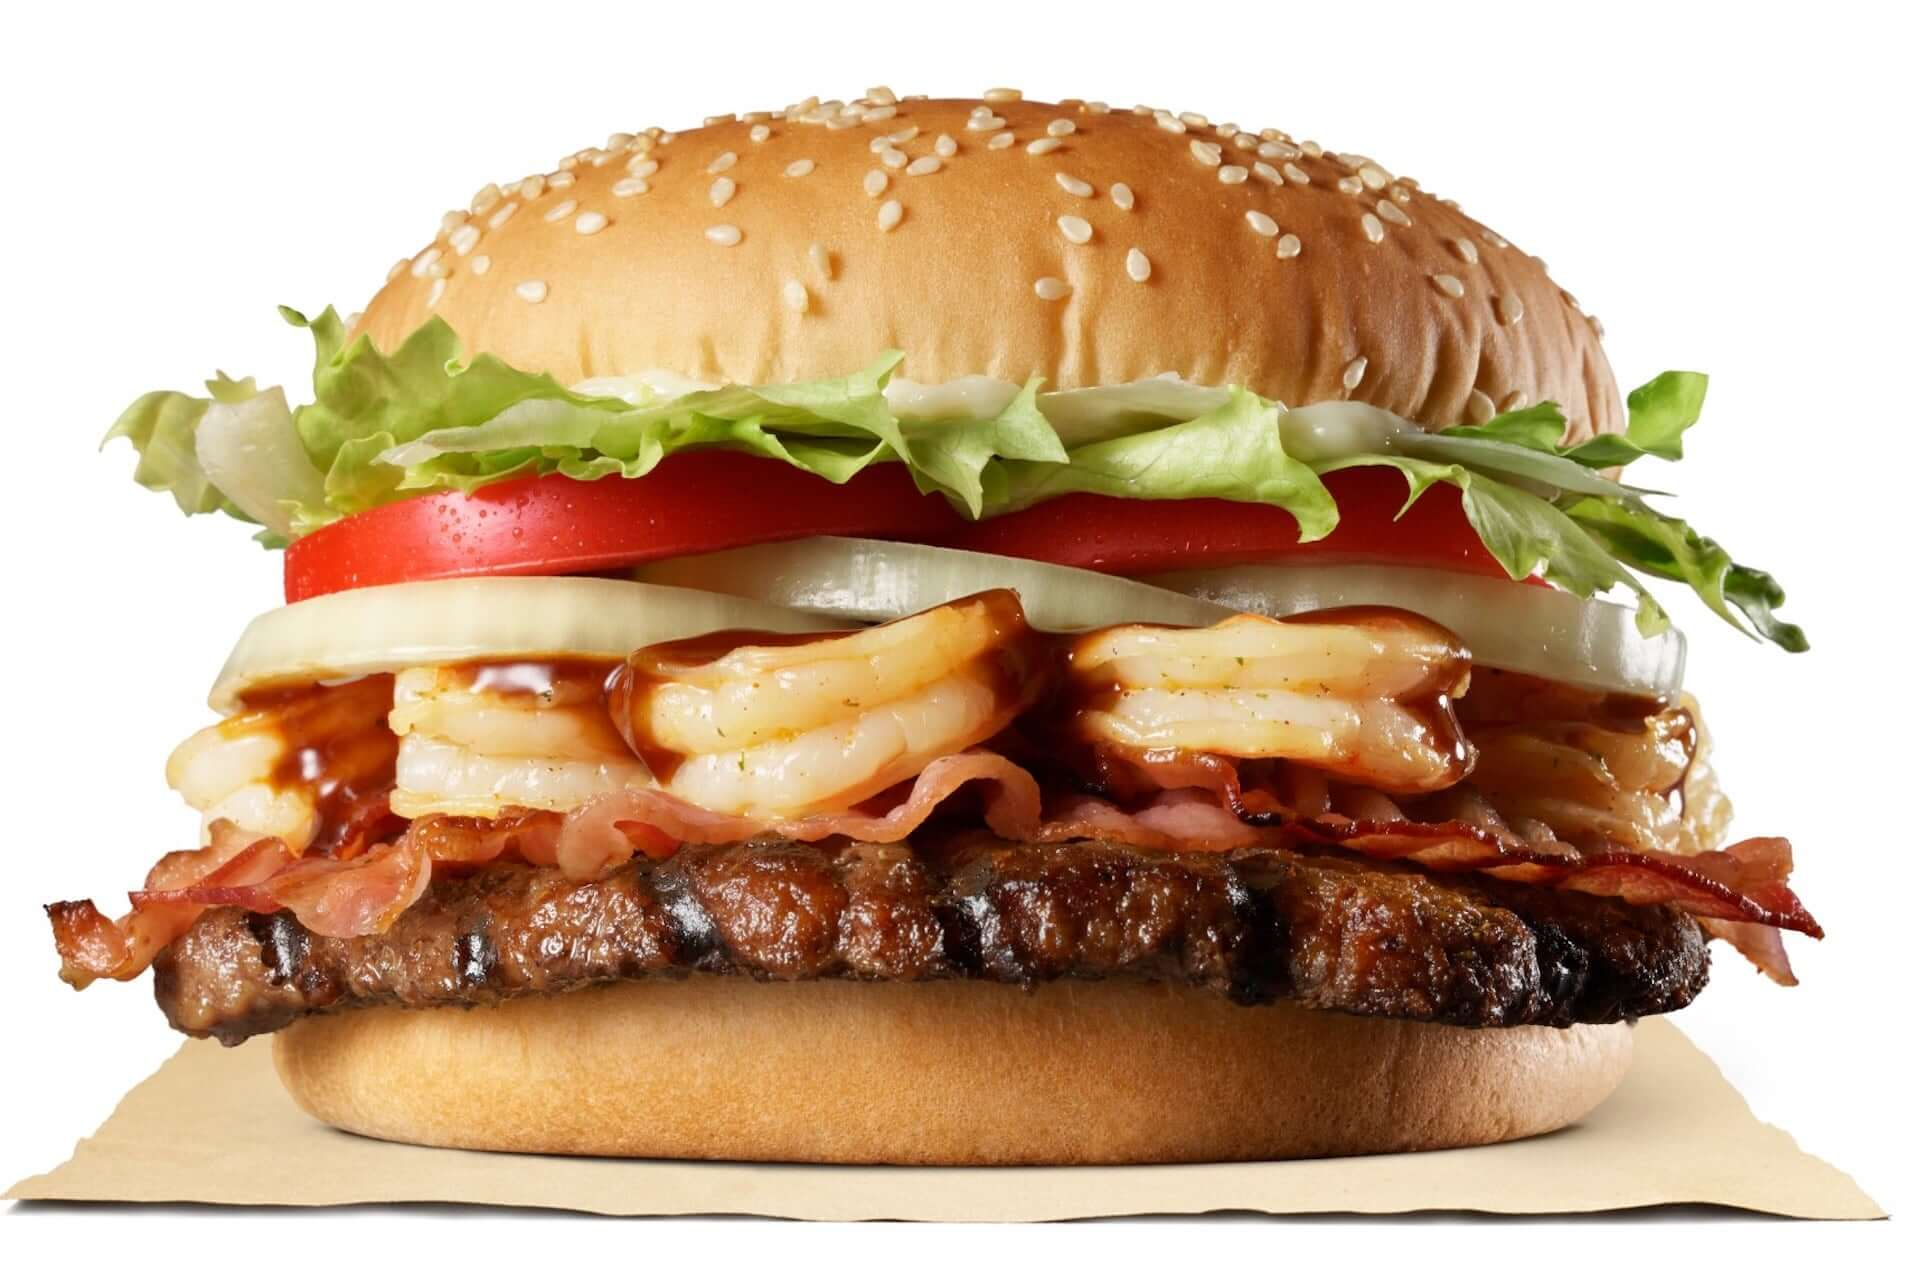 バーガーキングから魚介×牛肉を堪能できる新商品『バーベキュー6シュリンプワッパー(R)』が期間限定で登場!公式アプリではクーポンも配信 gourmet200806_burgerking_2-1920x1276